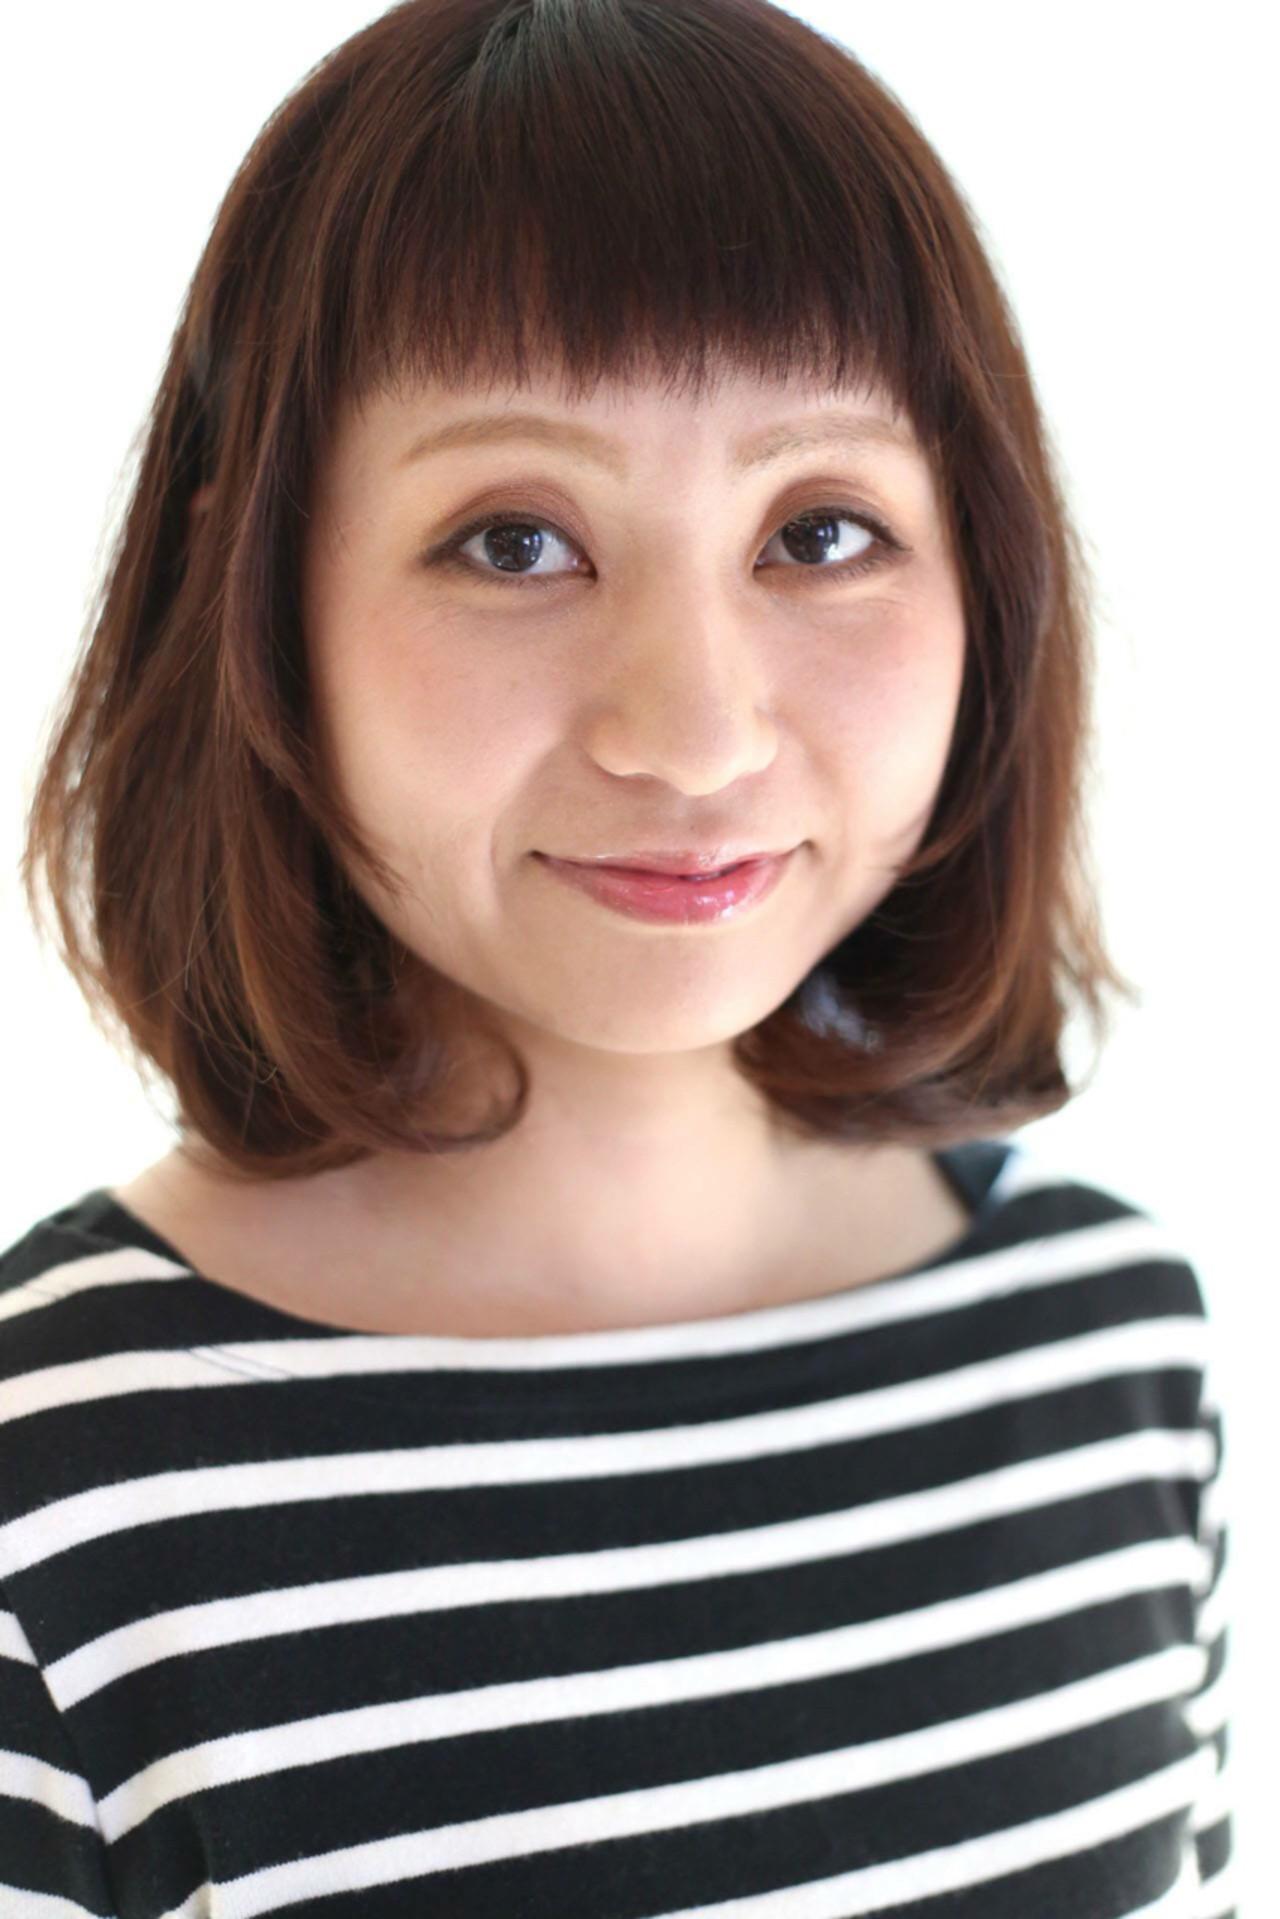 大人女子 オン眉 ワンカール ストレート ヘアスタイルや髪型の写真・画像 | Saori Kastuki / holic